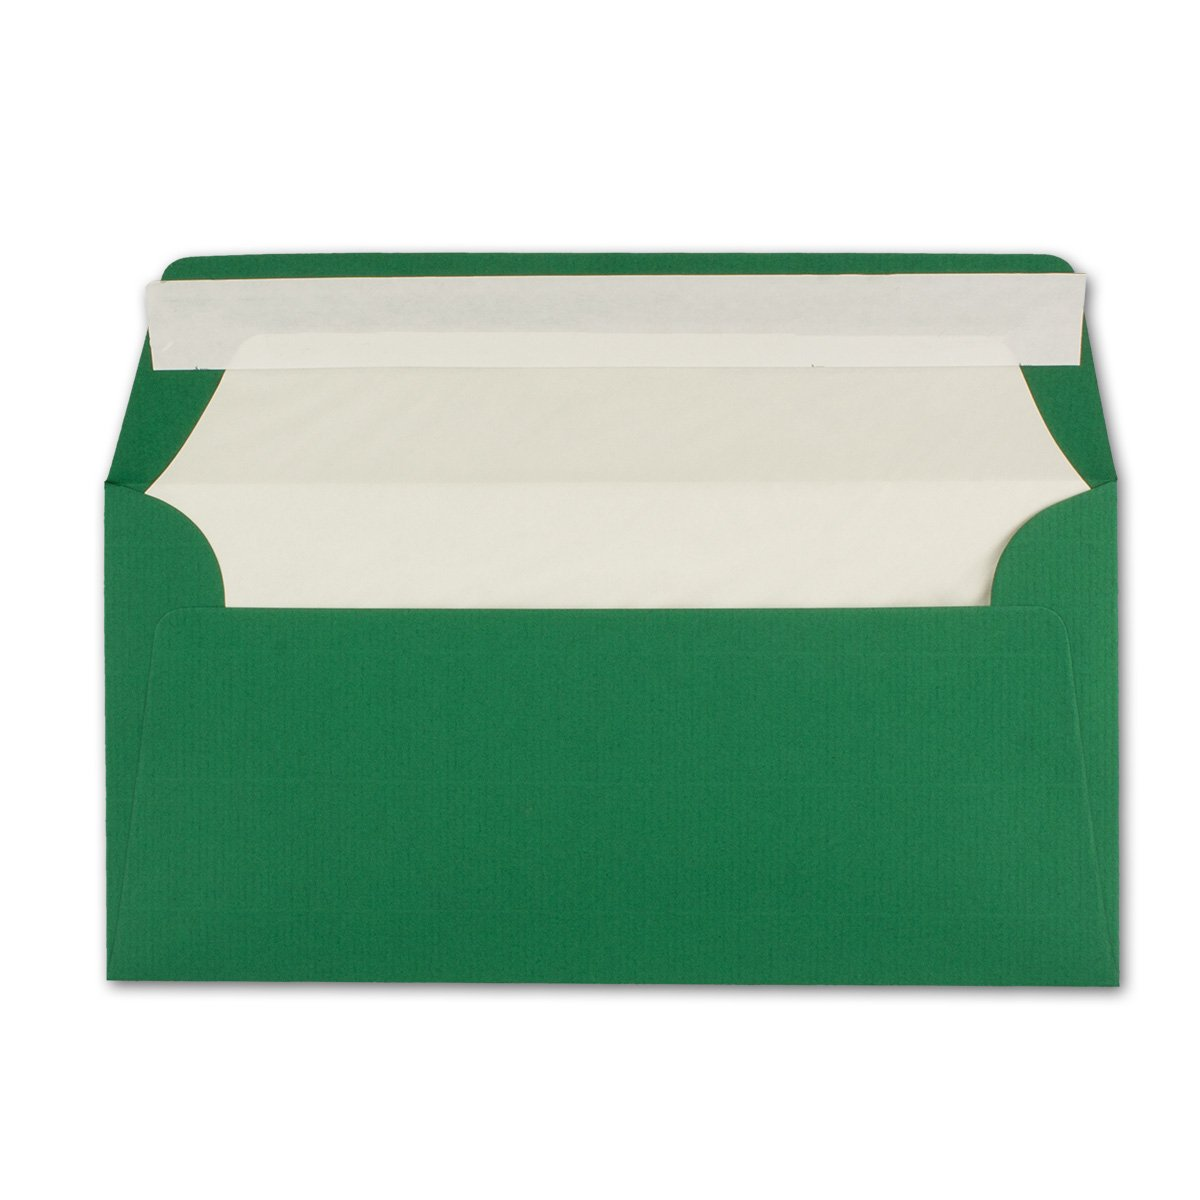 150 Brief-Umschläge DIN DIN DIN Lang - Dunkel-Grün - gefüttert mit weißem Seiden-Papier 110 g m² - 110 x220 mm - Haftklebung - Qualitätsmarke  NEUSER FarbenFroh B01MXG1BY1 | Geeignet für Farbe  4b0154